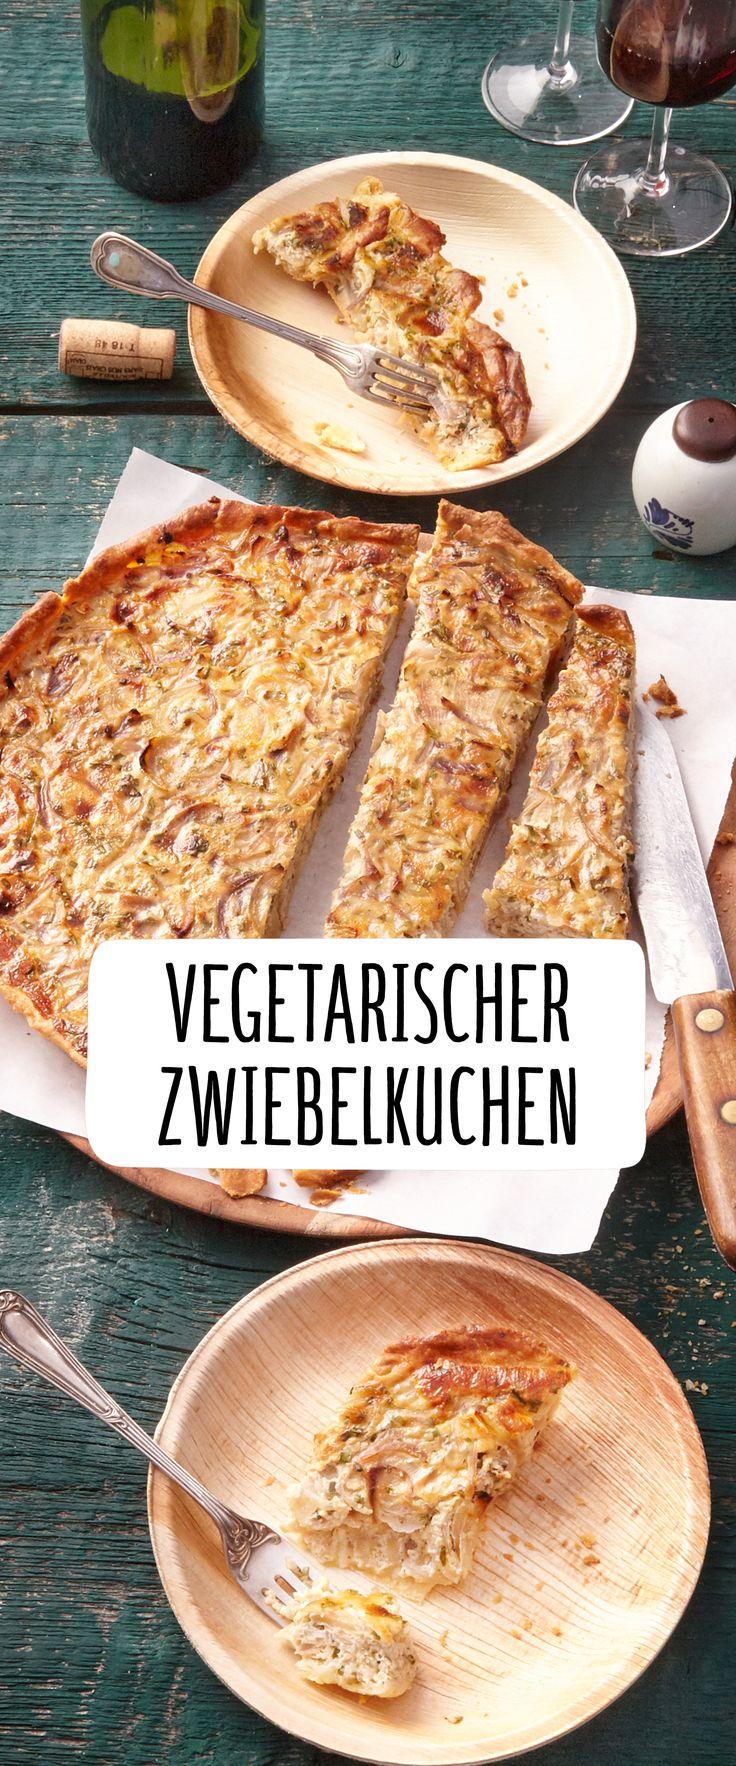 Vegetarisch Zwiebel Kuchen Warm Heiß Backen Würzig Herzhaft Haupt Gericht Mahlzeit Ofen Wein Weihnachten Silvester Snack Lecker Würzig